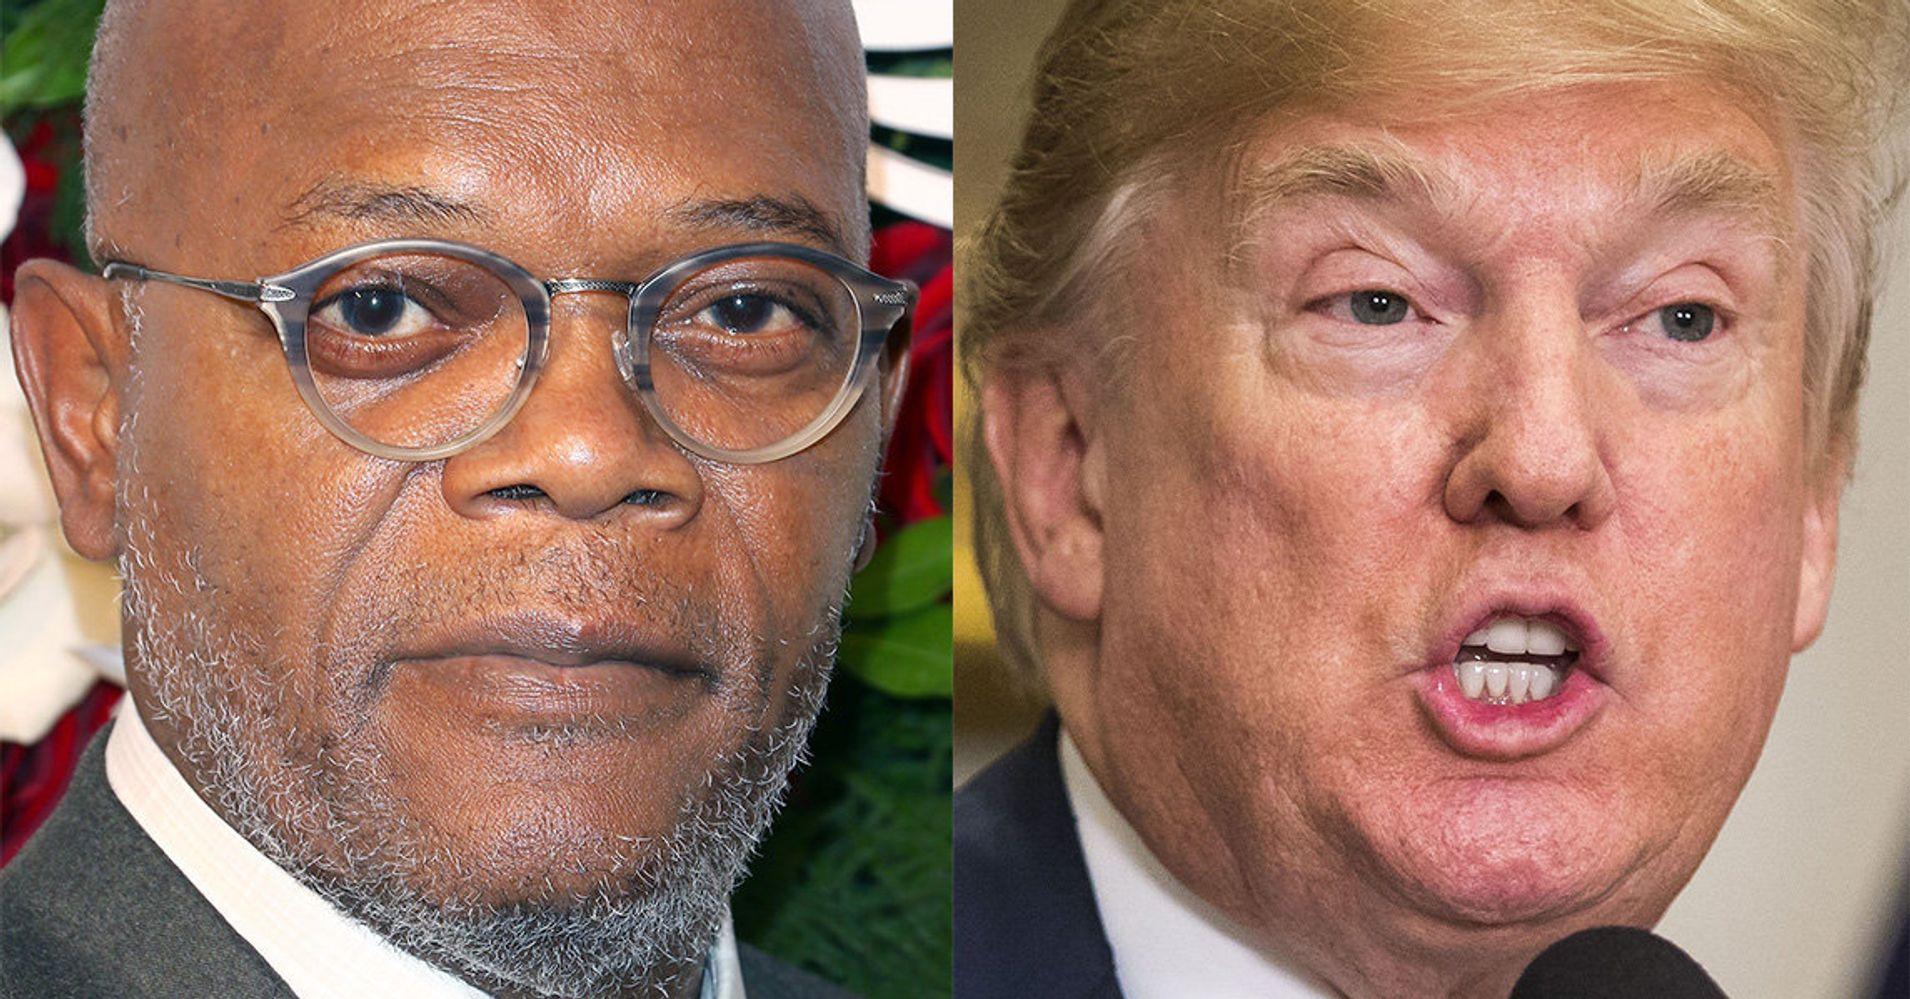 Samuel L. Jackson Shreds 'Mothaf***a' Trump Over Armed Teachers Idea